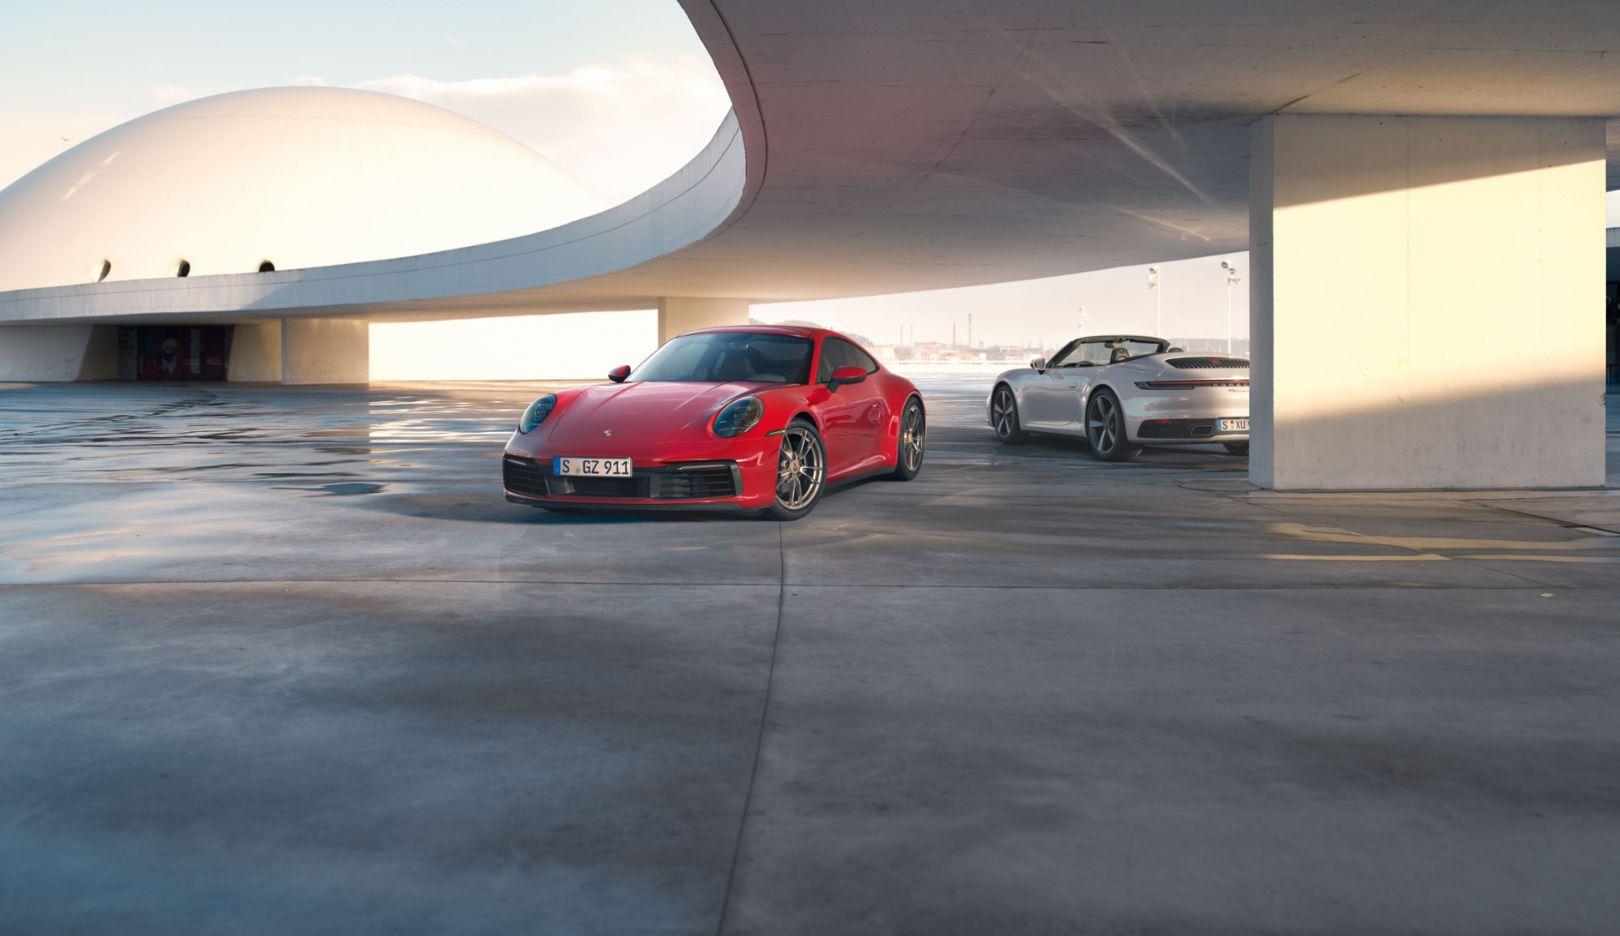 New Porsche 911 >> The All New Porsche 911 Carrera 4 Coupe And 911 Carrera 4